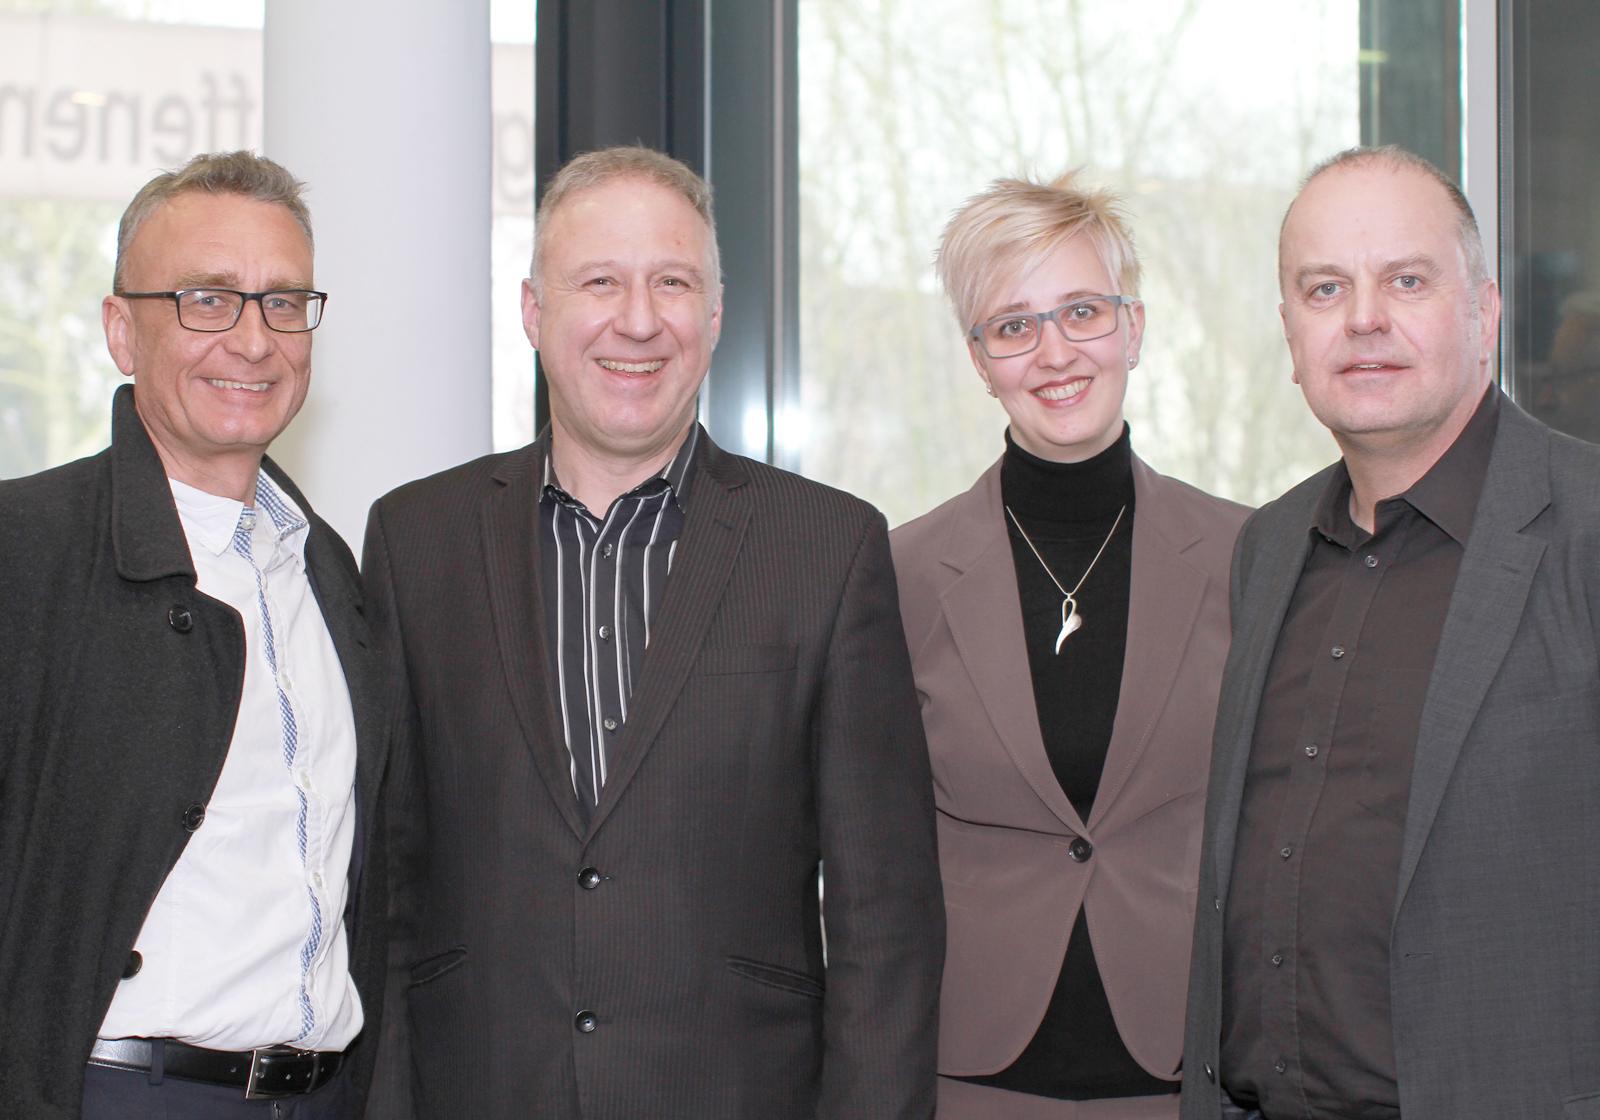 Andreas Rieser und Urs Klipfel, Geschäftsführung ATP HAID Nürnberg, mit Sabrina Mayr und Stefan Berger, Projektleiter. Foto: ATP/Wang